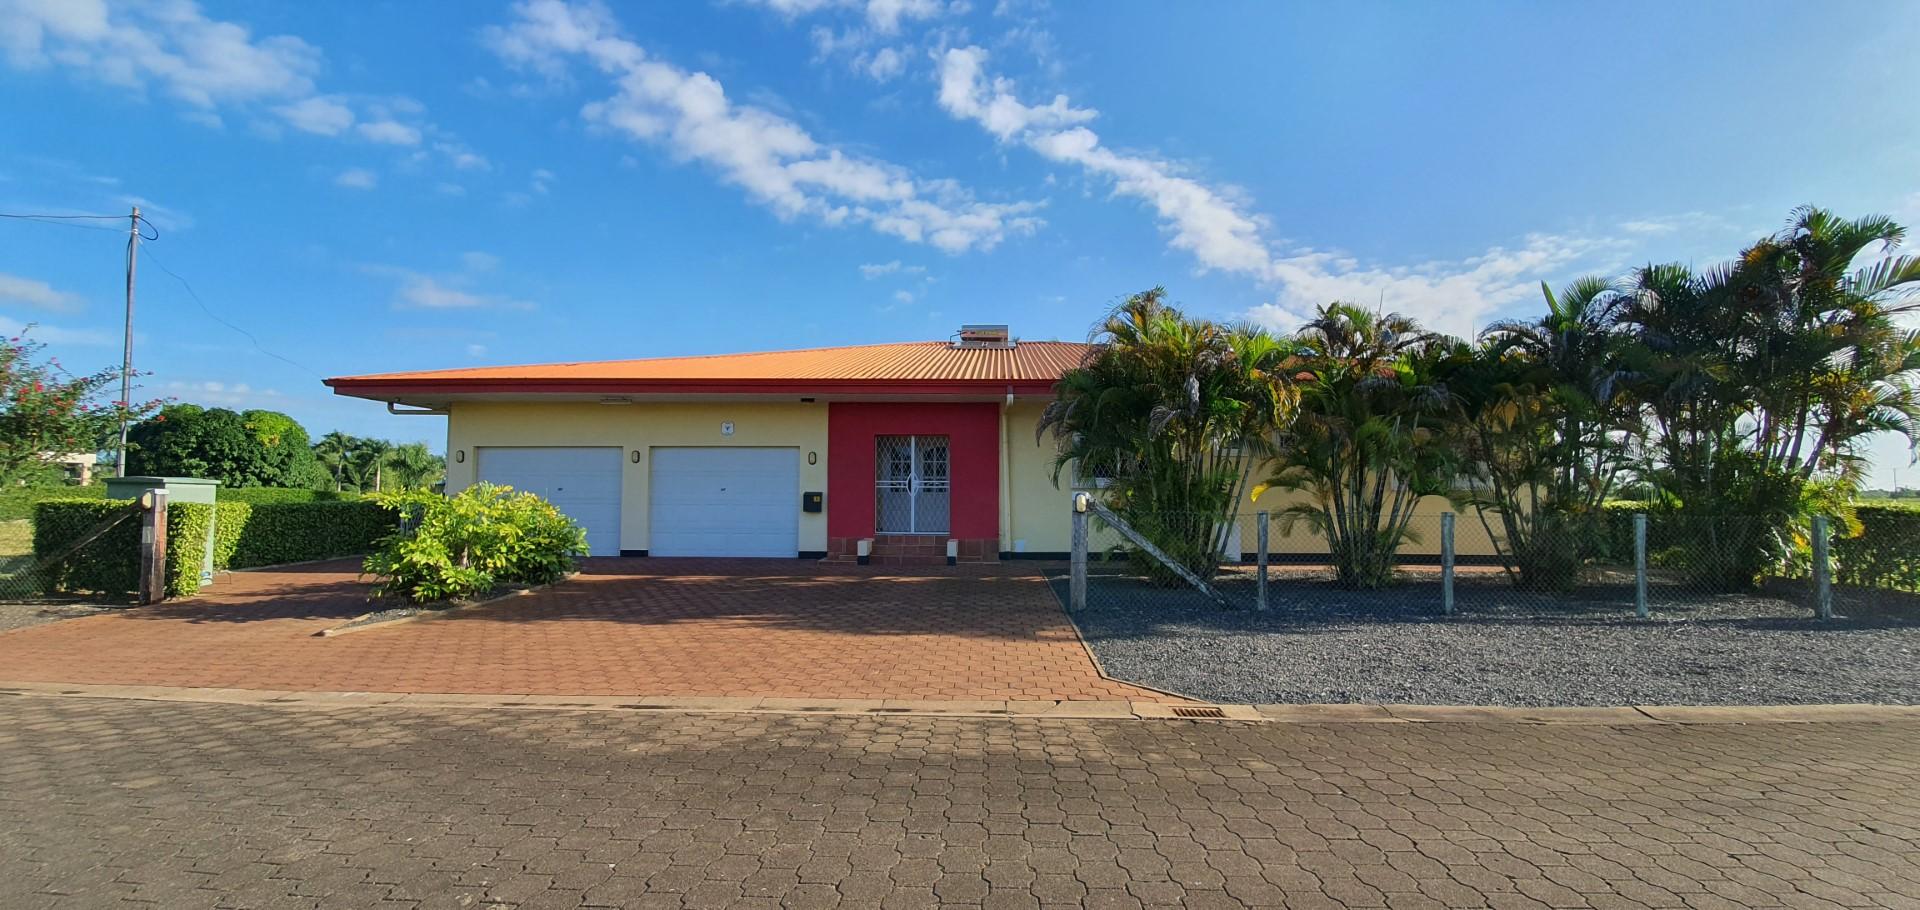 Palissadepalmlaan 11 - Water, veiligheid, rust en een prachtig uitzicht! - Surgoed Makelaardij NV - Paramaribo, Suriname